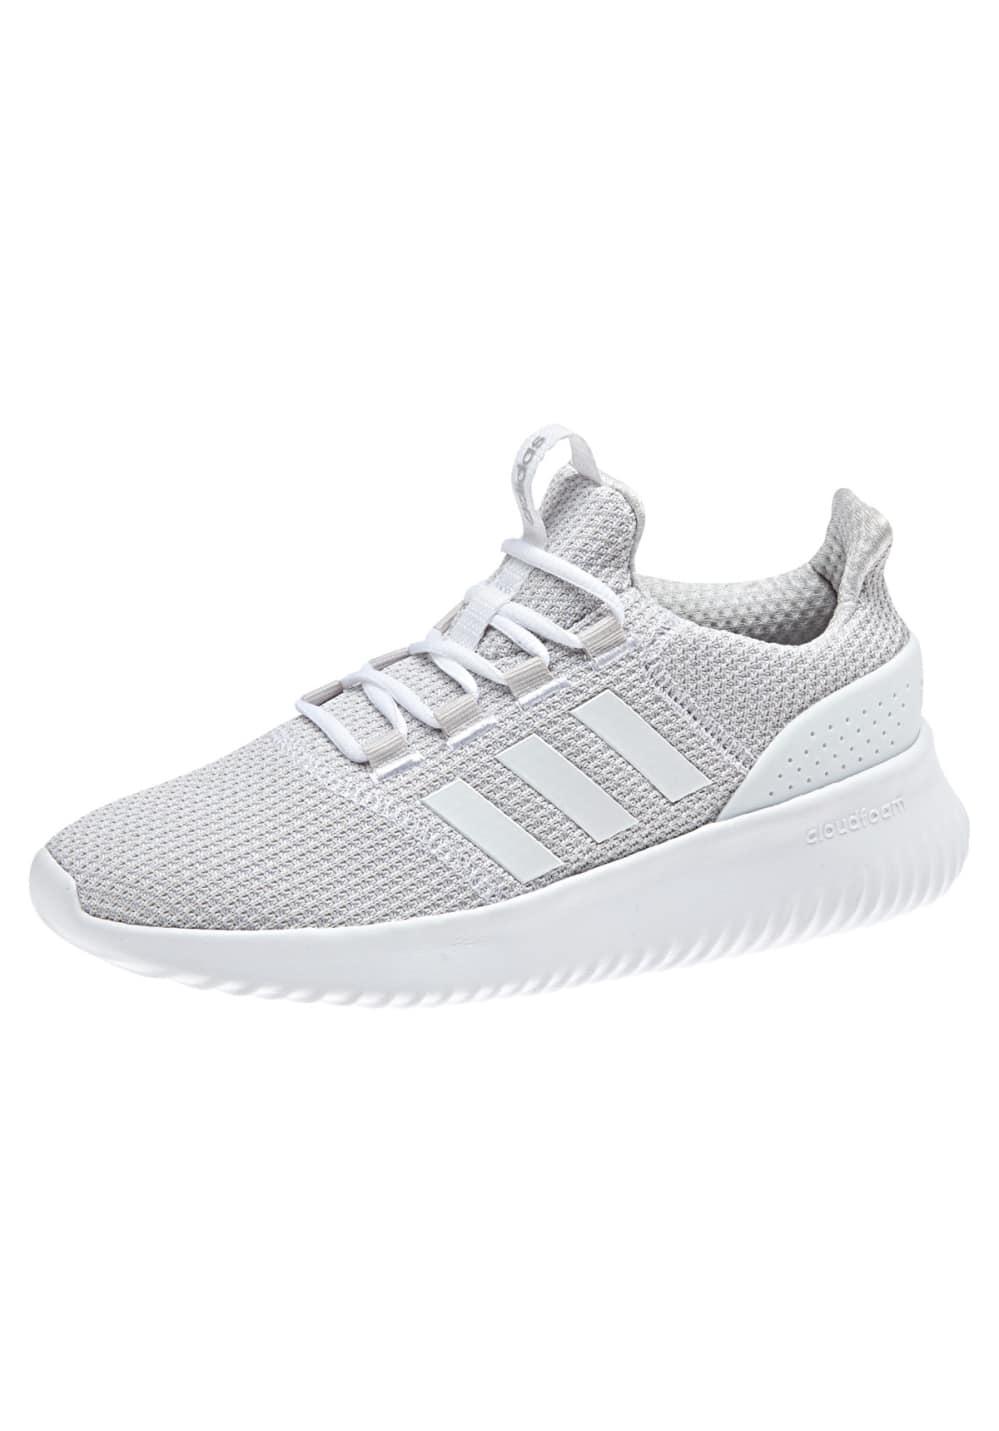 Damen Schuhe Sneaker adidas neo Cloudfoam Ultimate W Sneaker